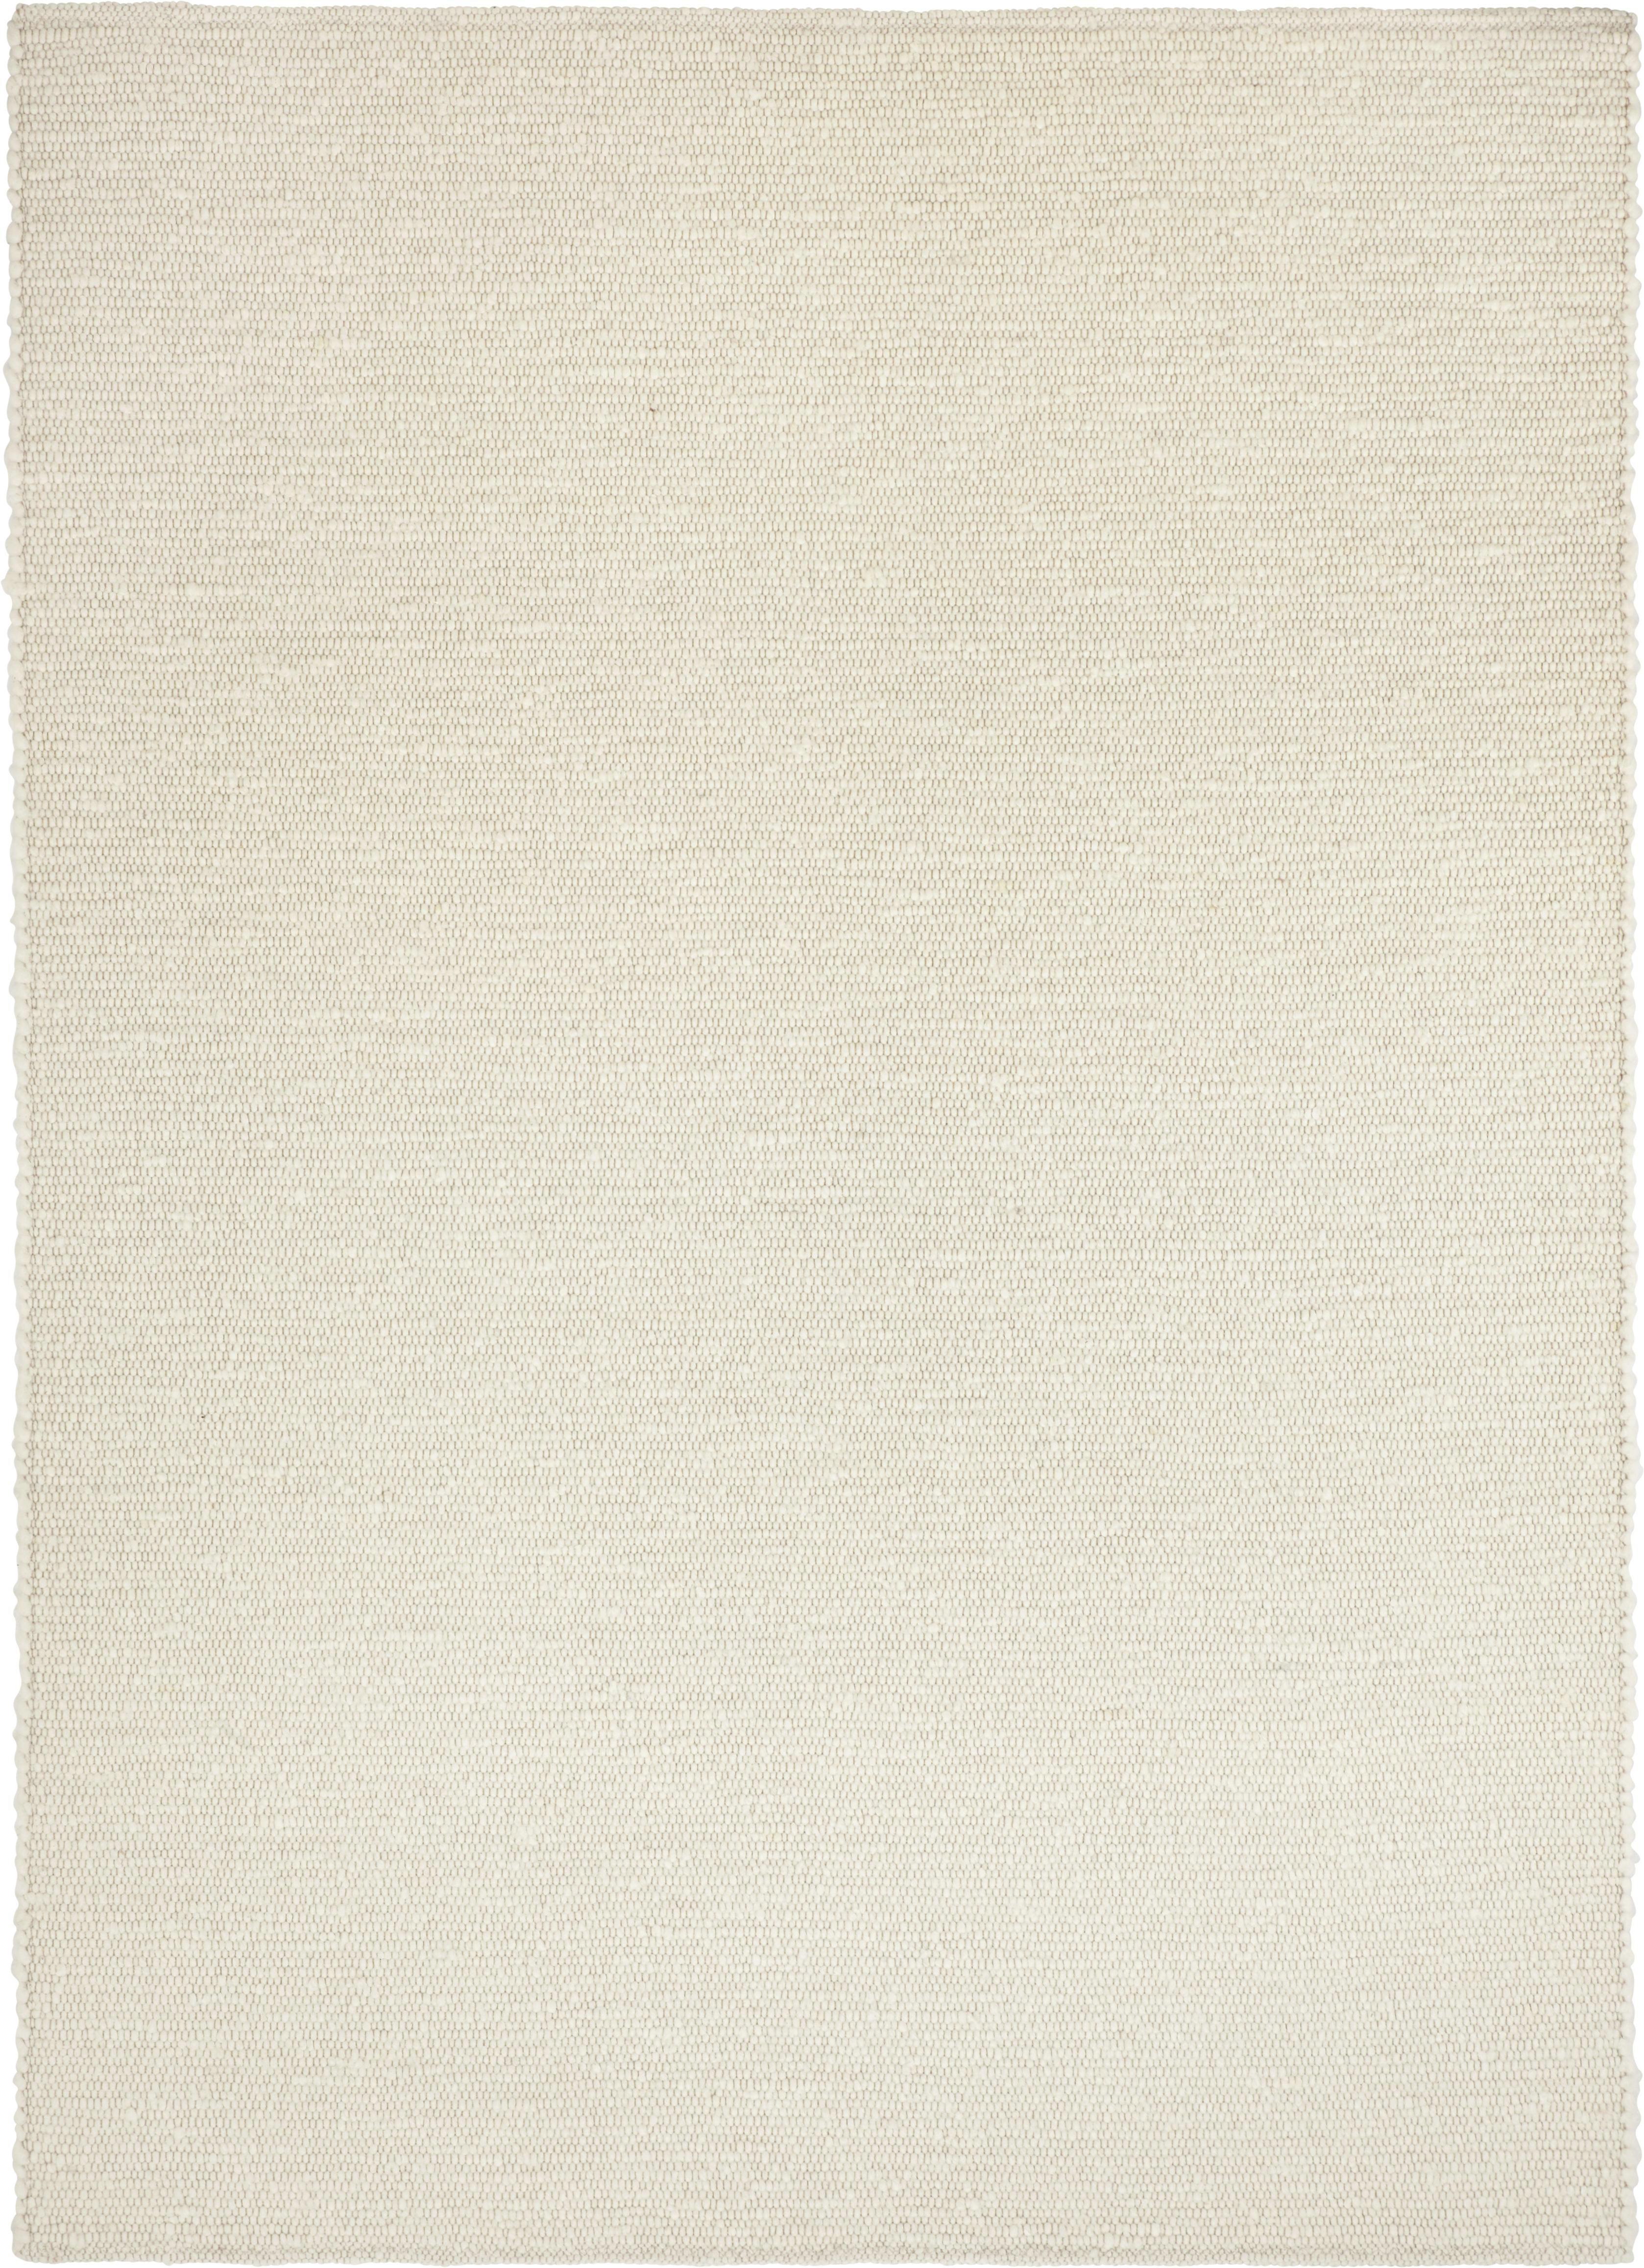 HANDWEBTEPPICH 130/200 cm - LIFESTYLE (130/200cm) - LINEA NATURA